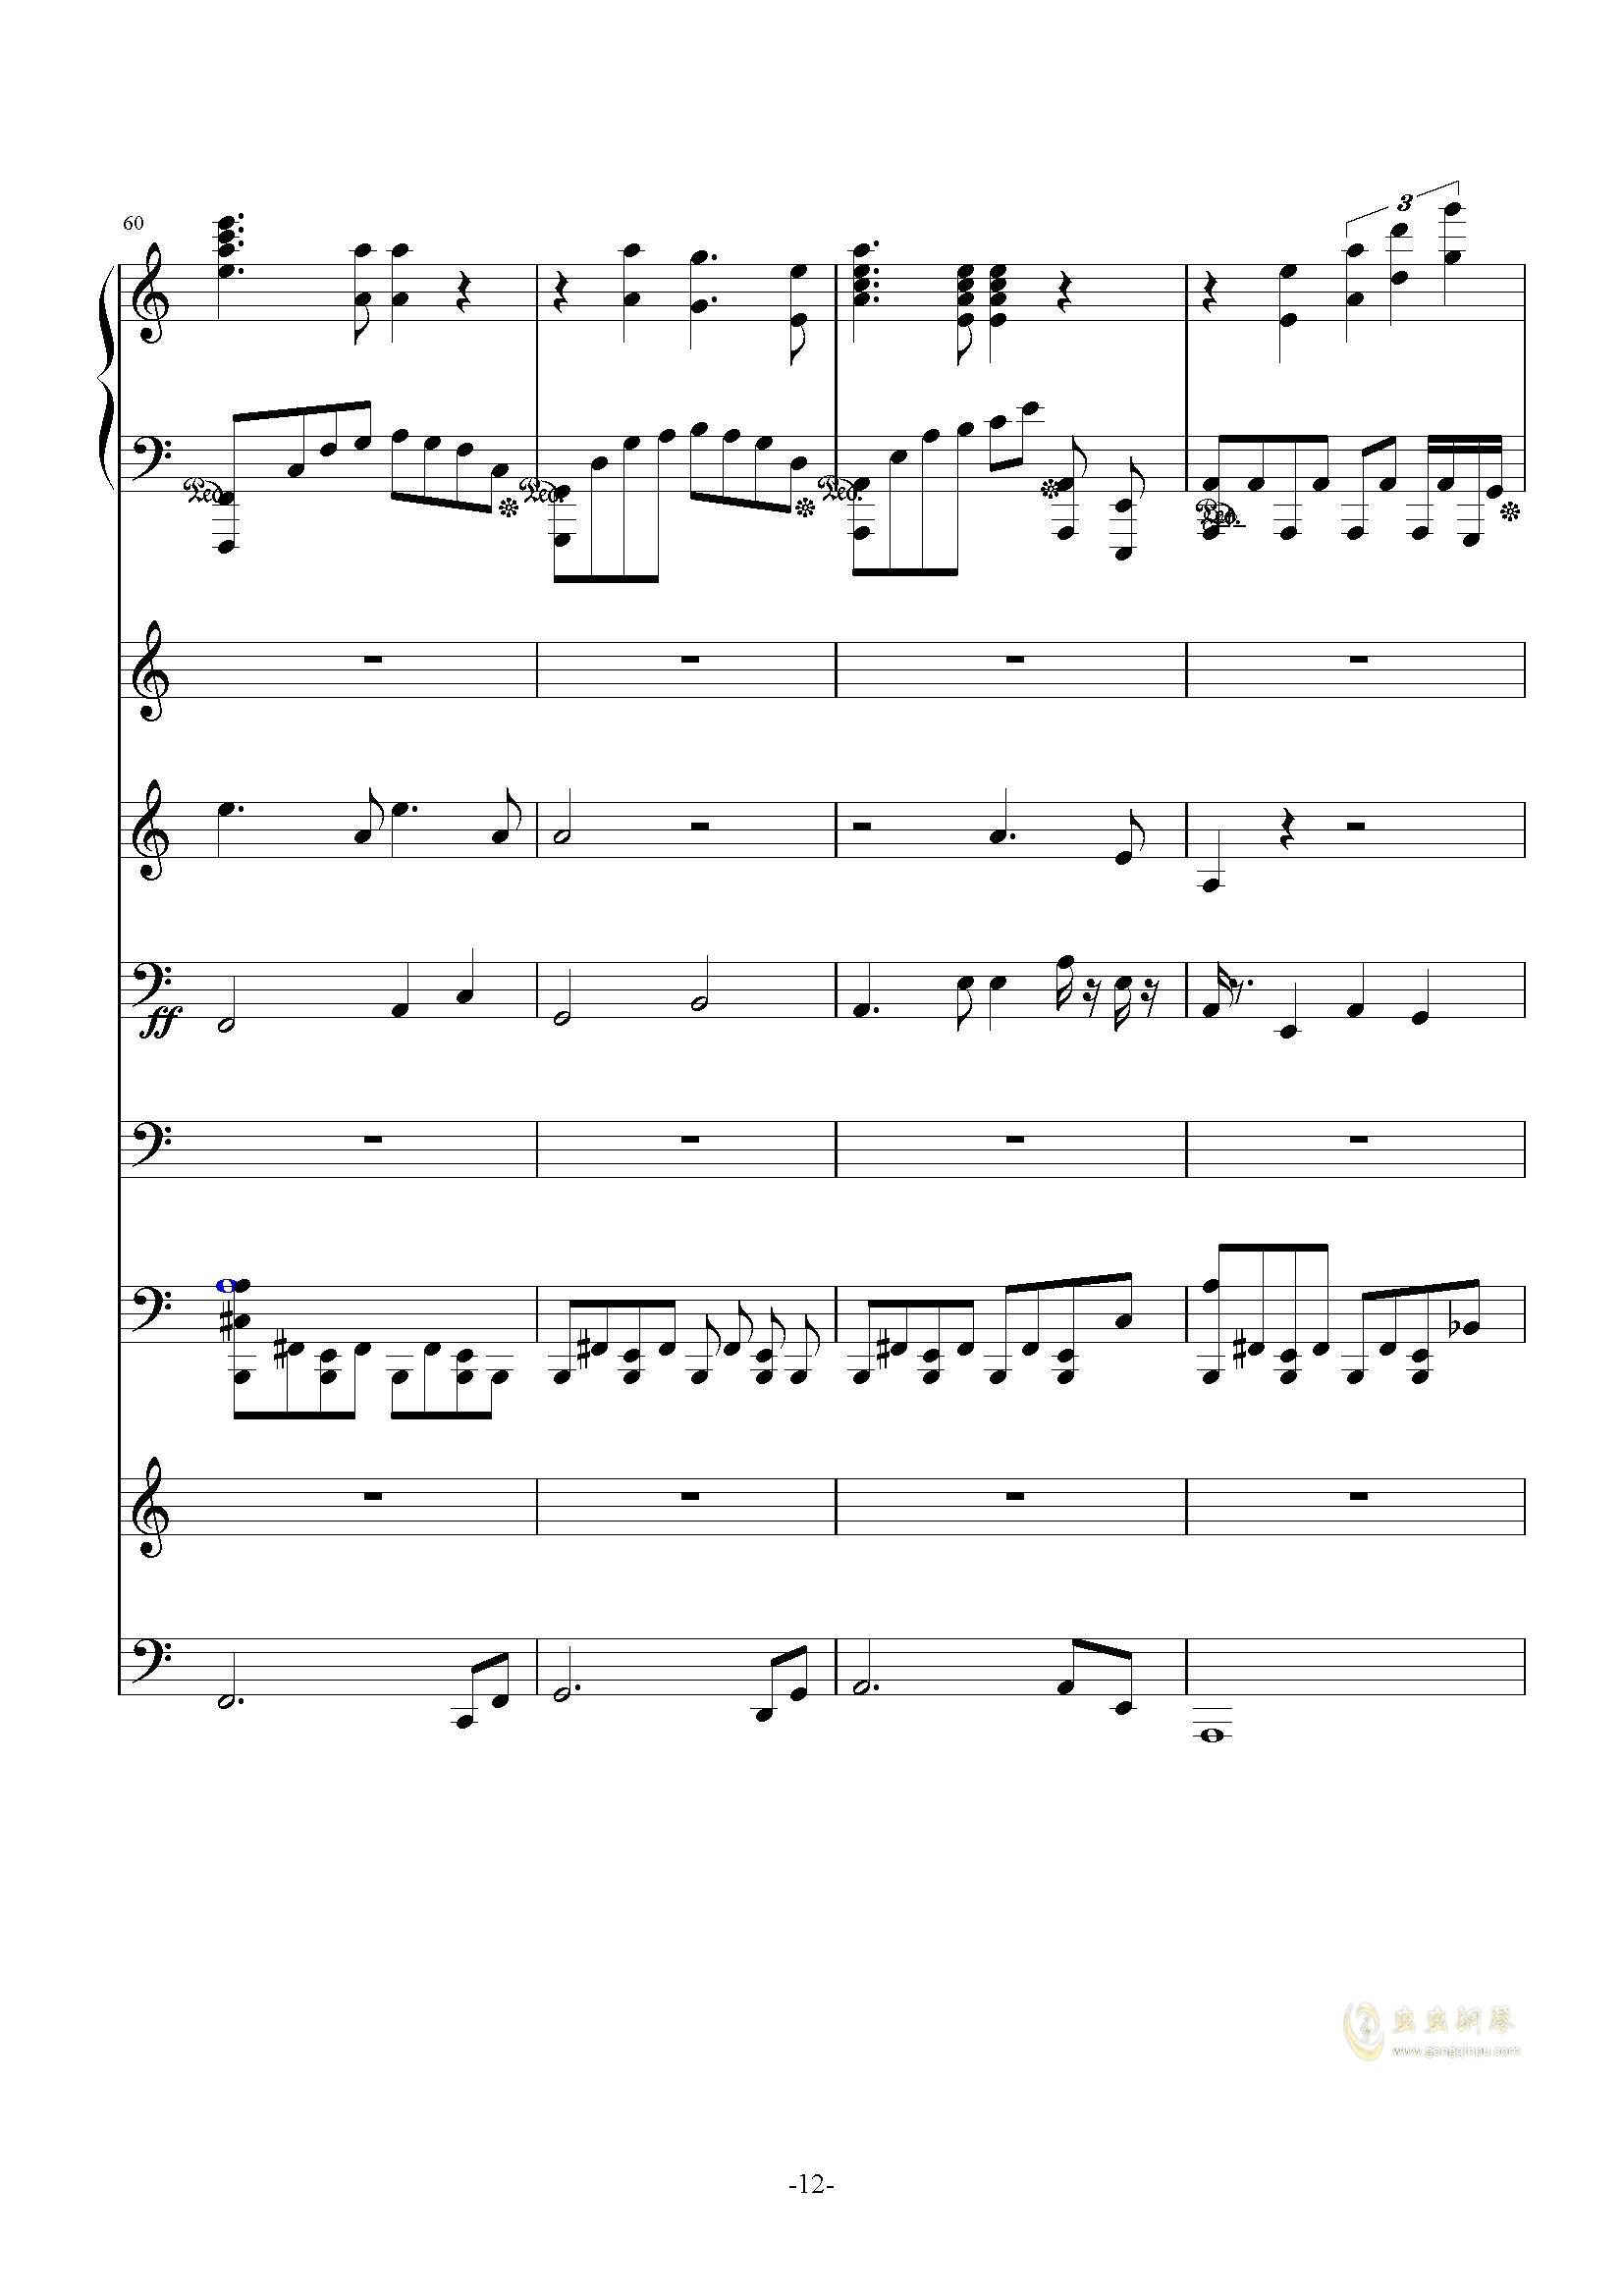 大夜洛第一号狂想曲钢琴谱 第12页